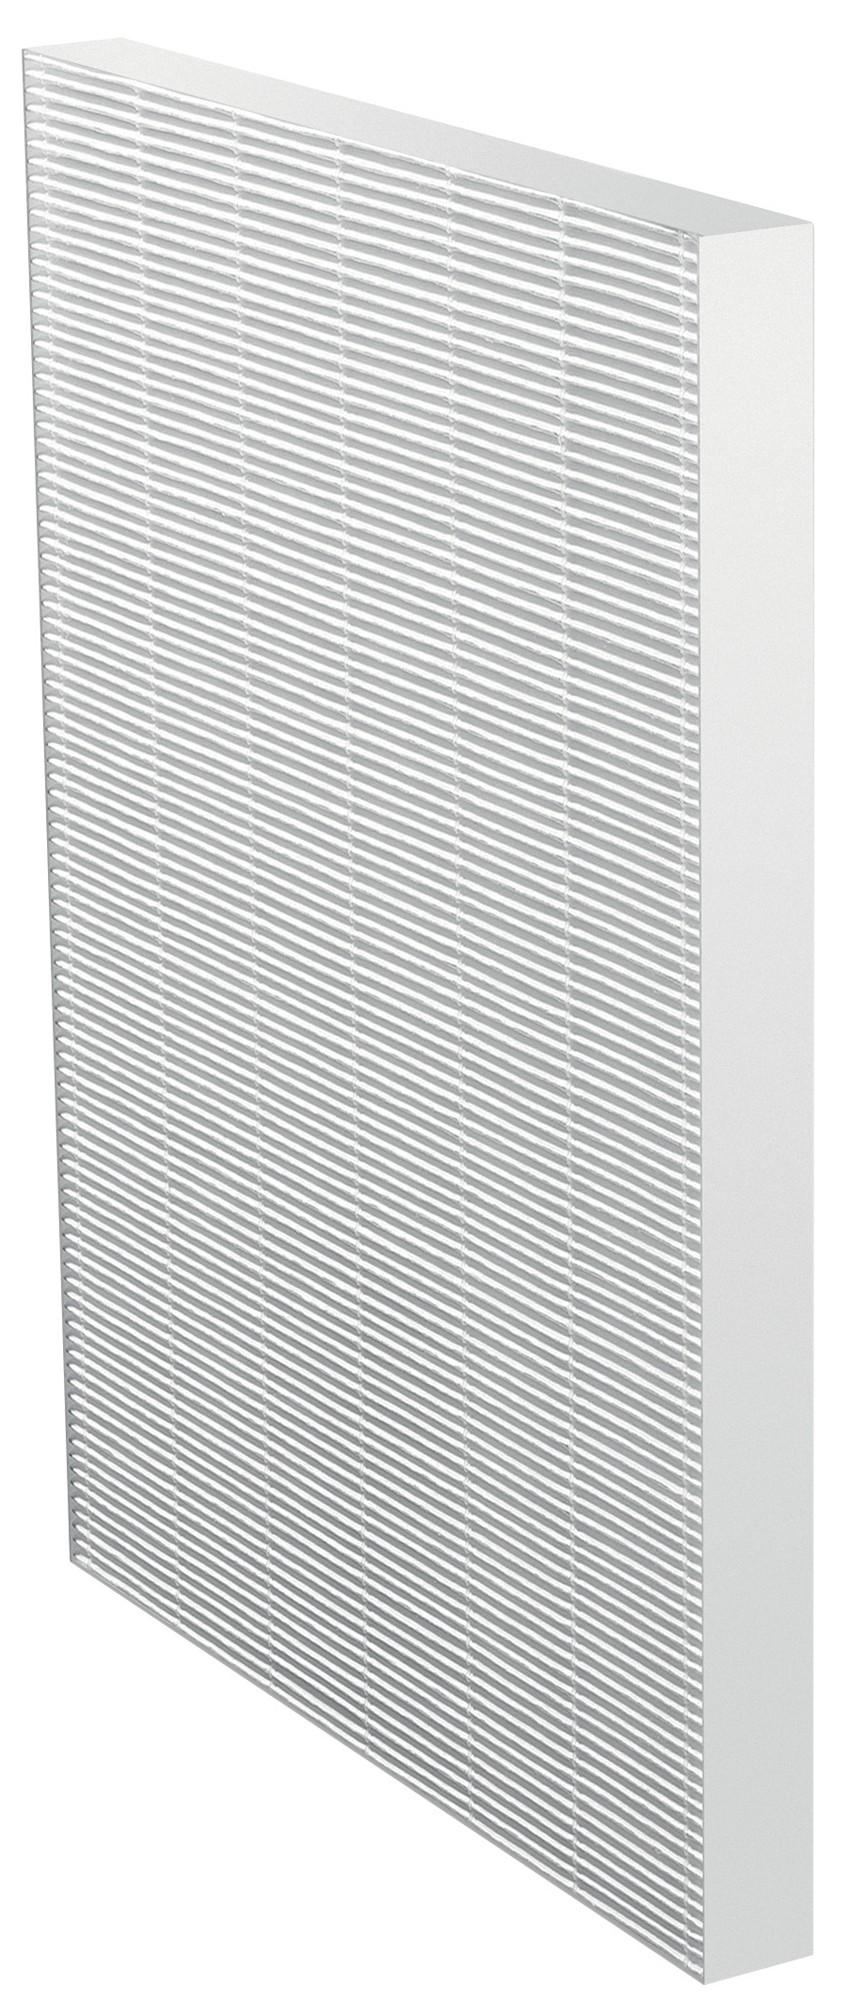 Electrolux hepafilter EF114